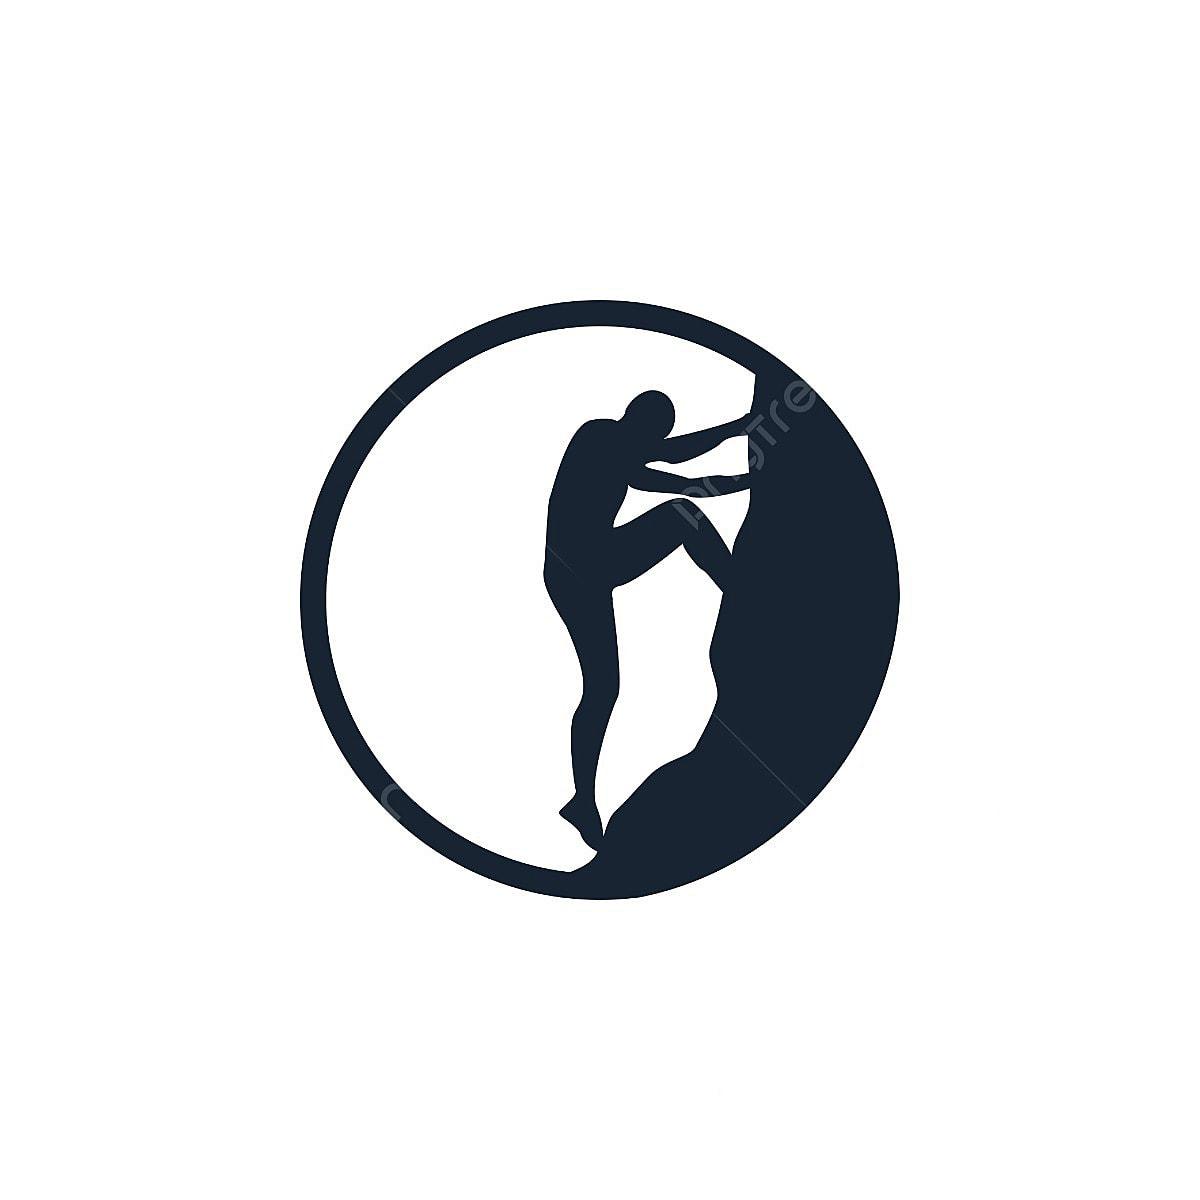 logo de l u0026 39 escalade silhouette cercle  l u0026 39 escalade  rock